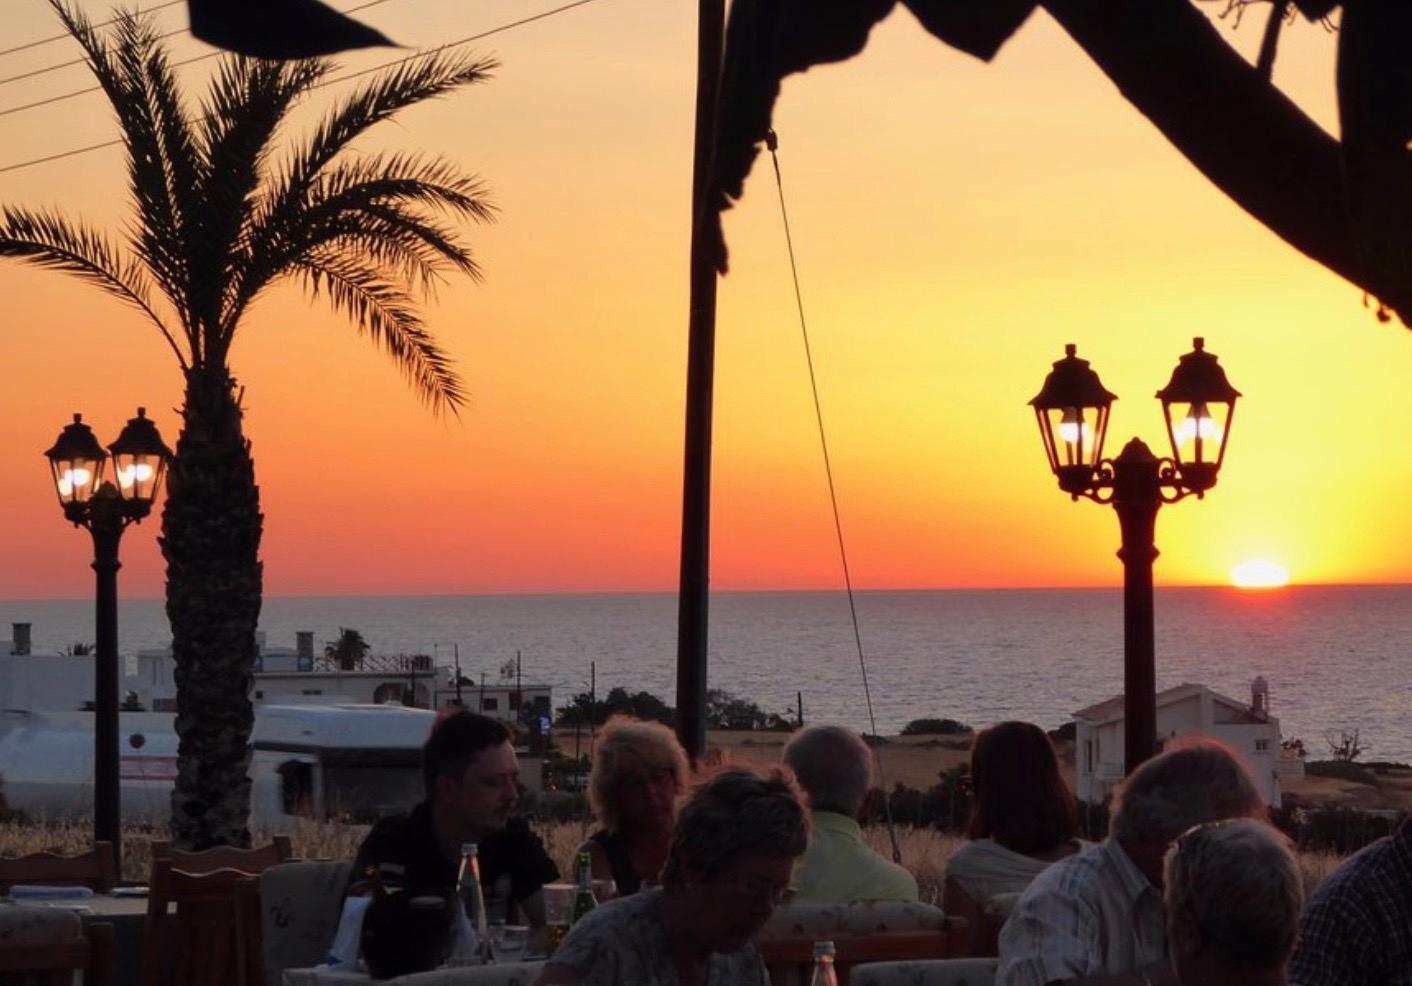 Att turismen ökar i området märks, bland annat av områdets många restaruanger.